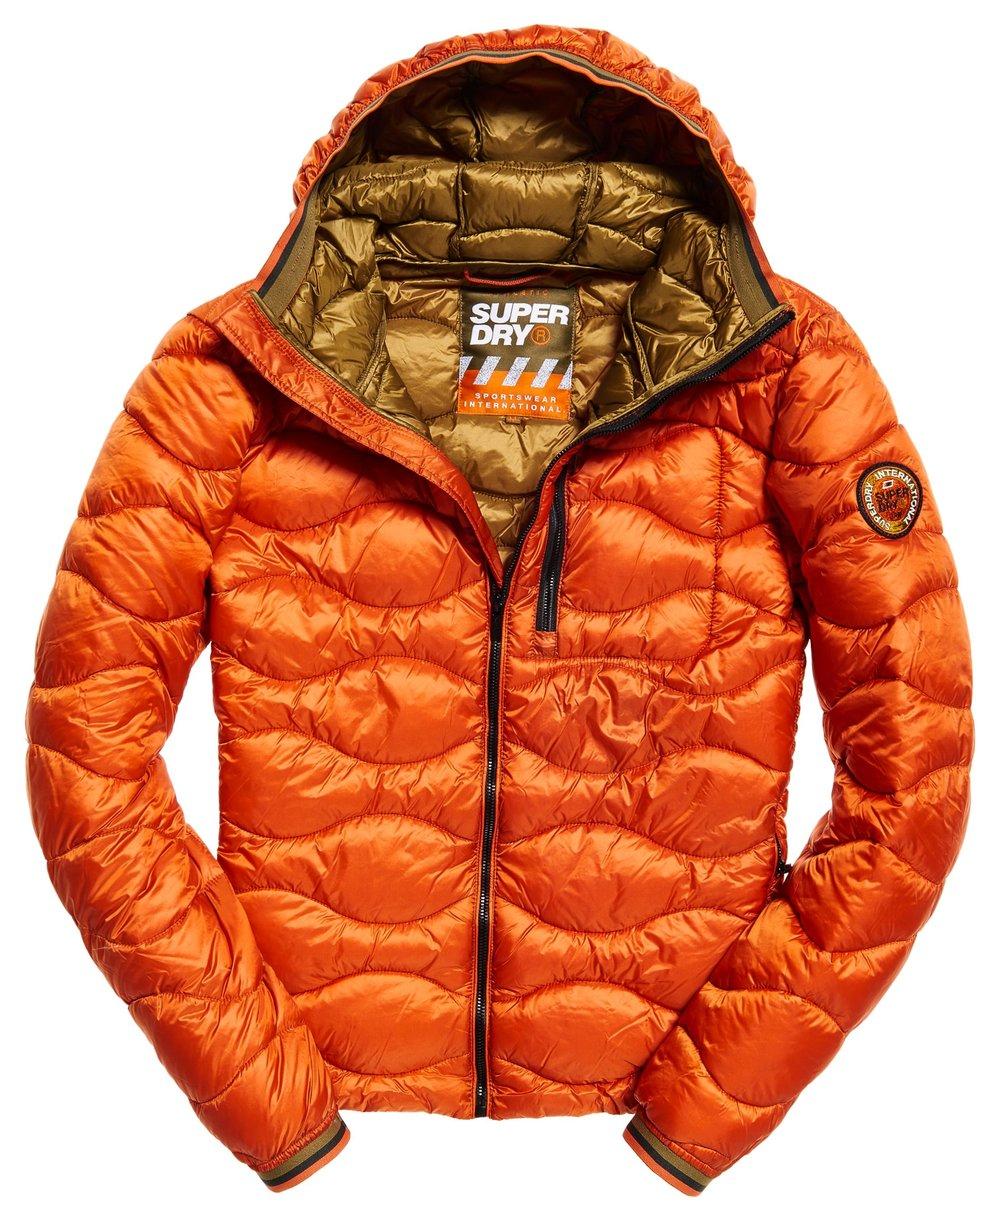 Superdry Wave Quilt Hooded Jacket £89.99 www.superdry.com.jpg